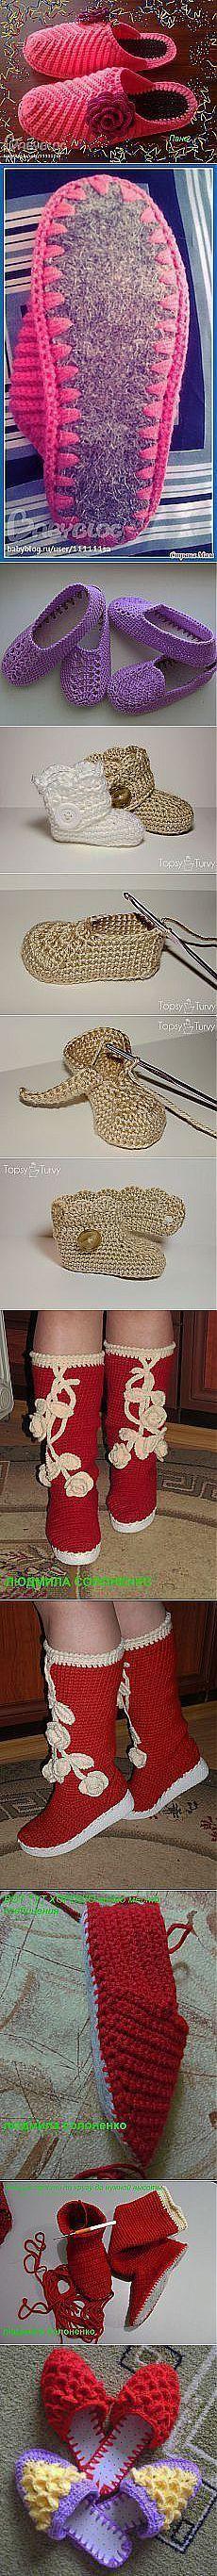 Лидия Лобченко: вязание крючком | Postila.ru | утепляем ножки | Постила